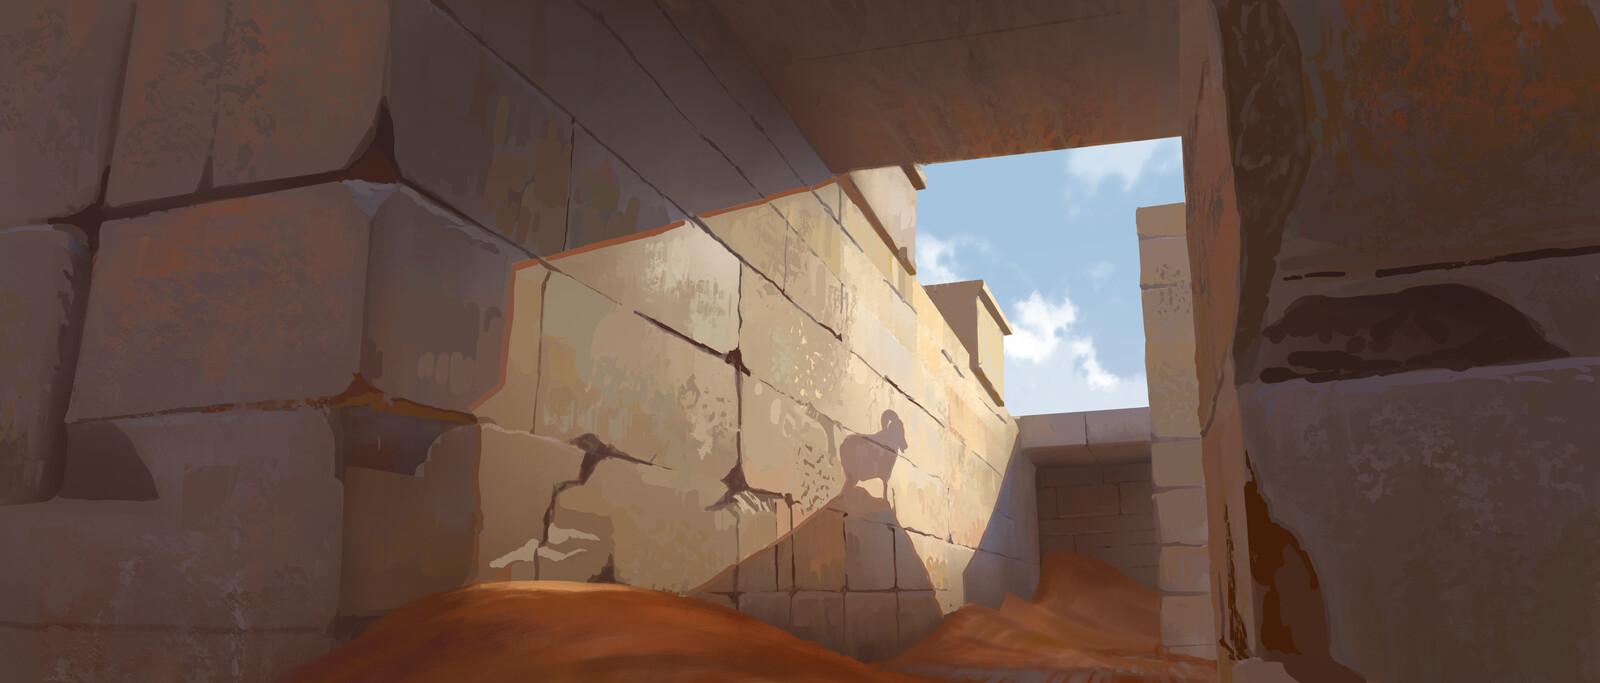 Desert, Sheperd and Lost Goats